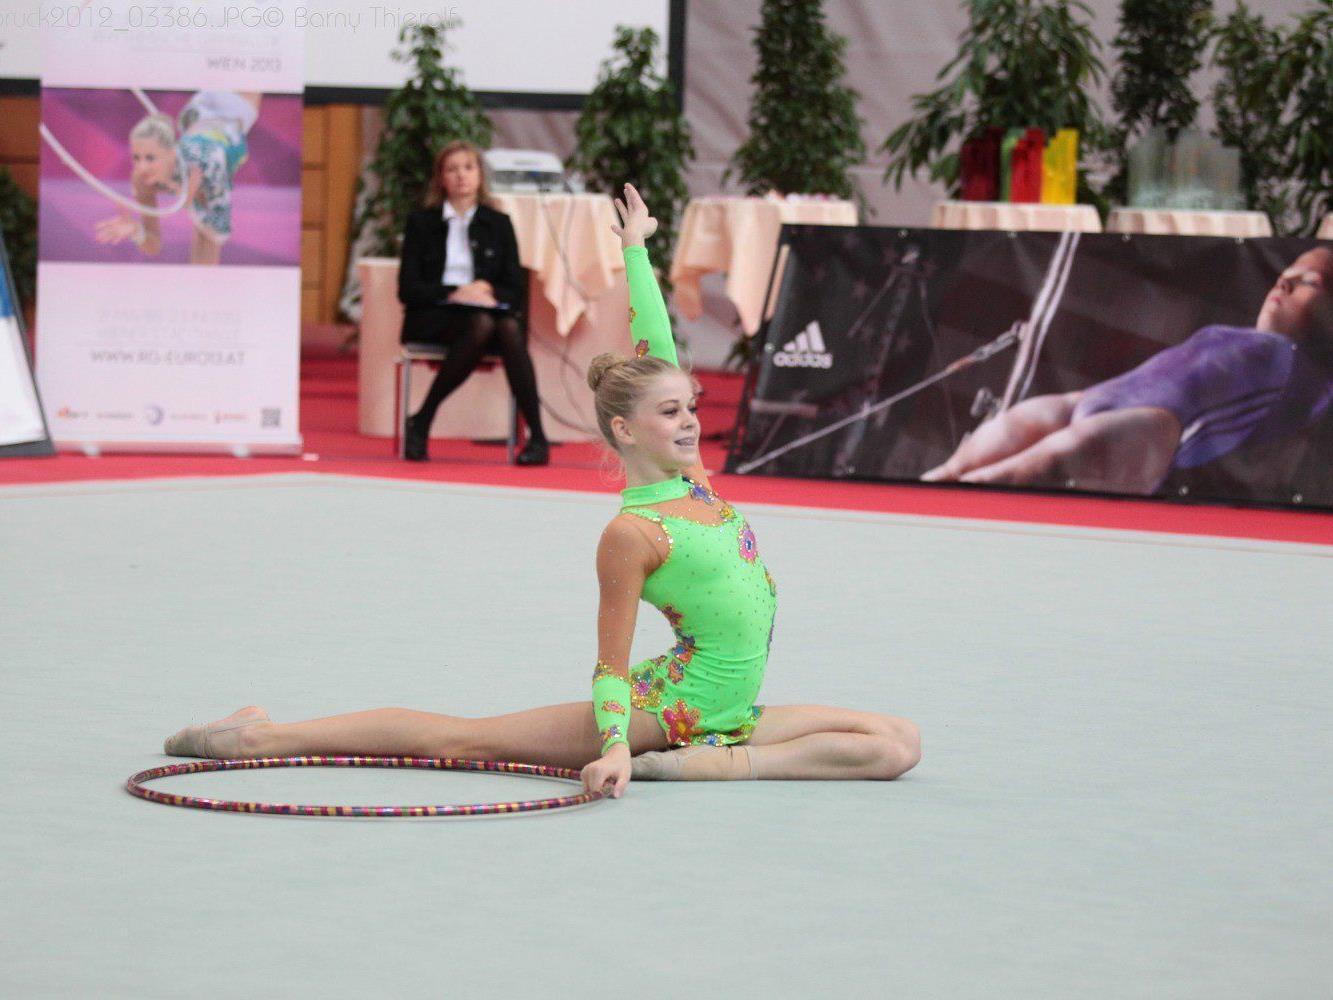 Noelle Breuß gewann in Innsbruck einen wichtigen Nachwuchswettkampf und bot wieder eine Klasseleistung.